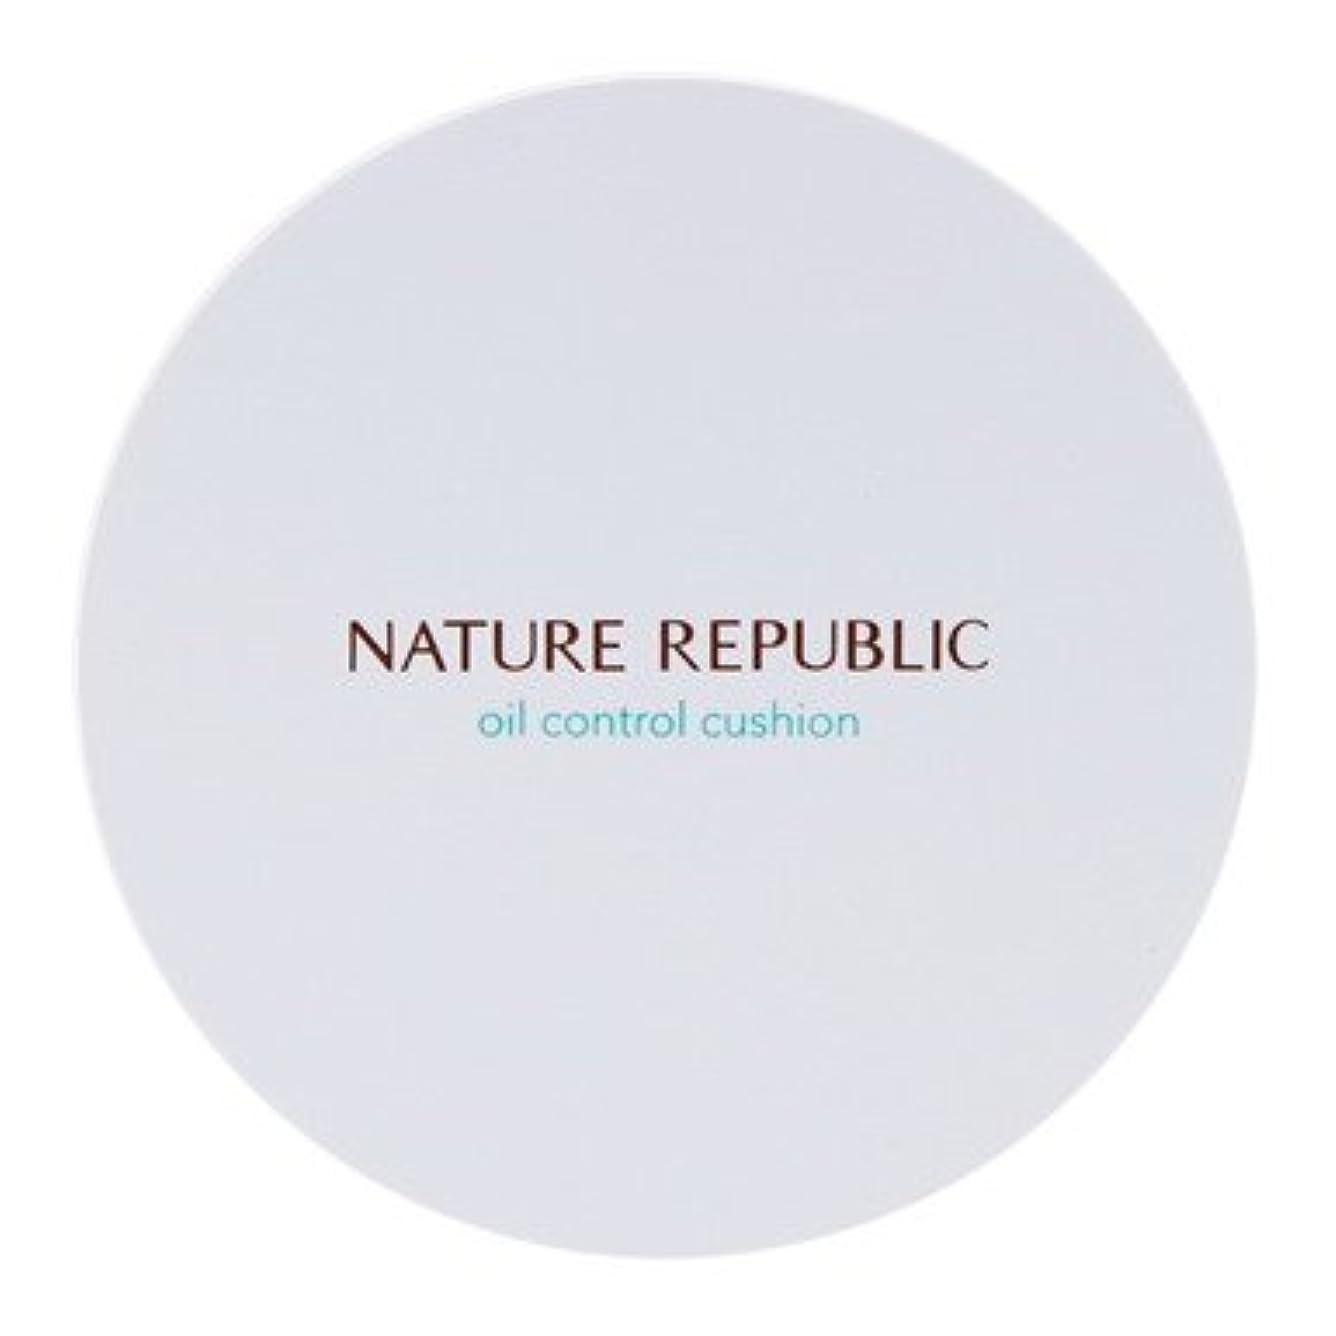 前任者不幸顕著【NATURE REPUBLIC (ネイチャーリパブリック)】プロヴァンス エアスキンフィット オイルコントロール クッション 15g (SPF50+/ PA+++)(2カラー選択1) (02 ナチュラルベージュ) [並行輸入品]